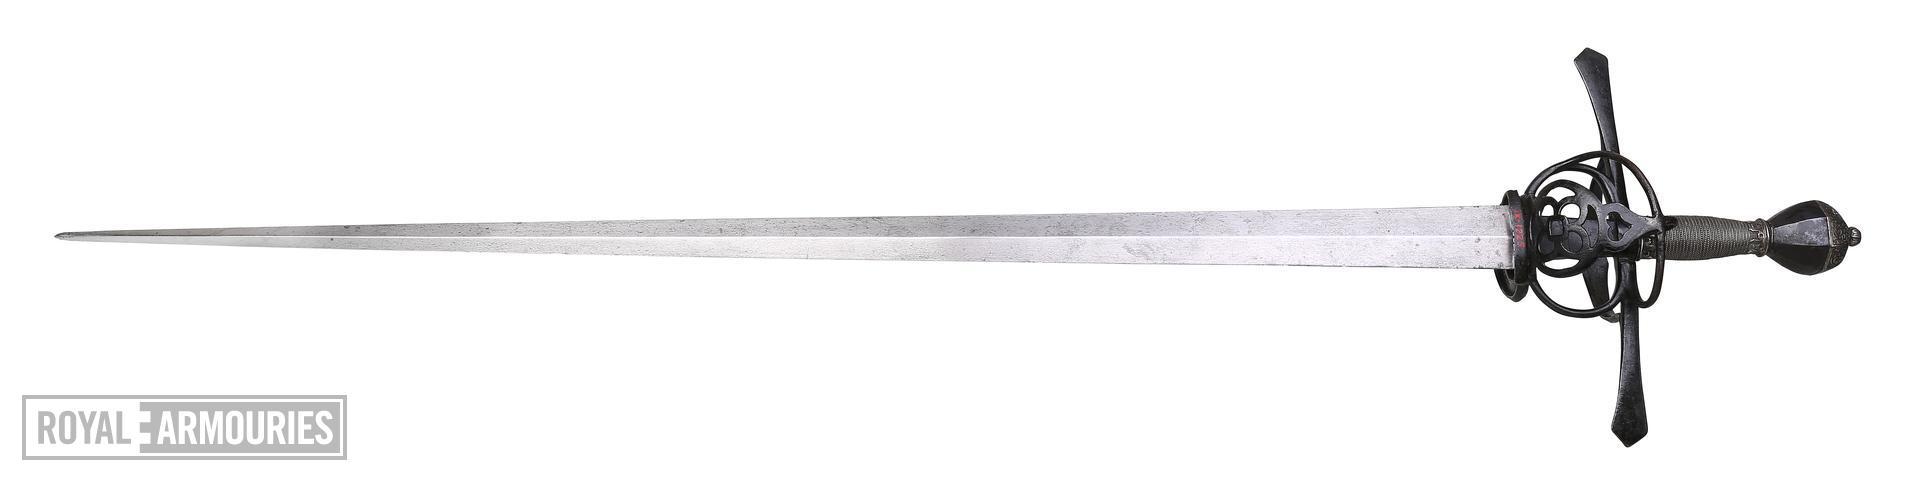 Saxon Estoc Sword. 1570-1590